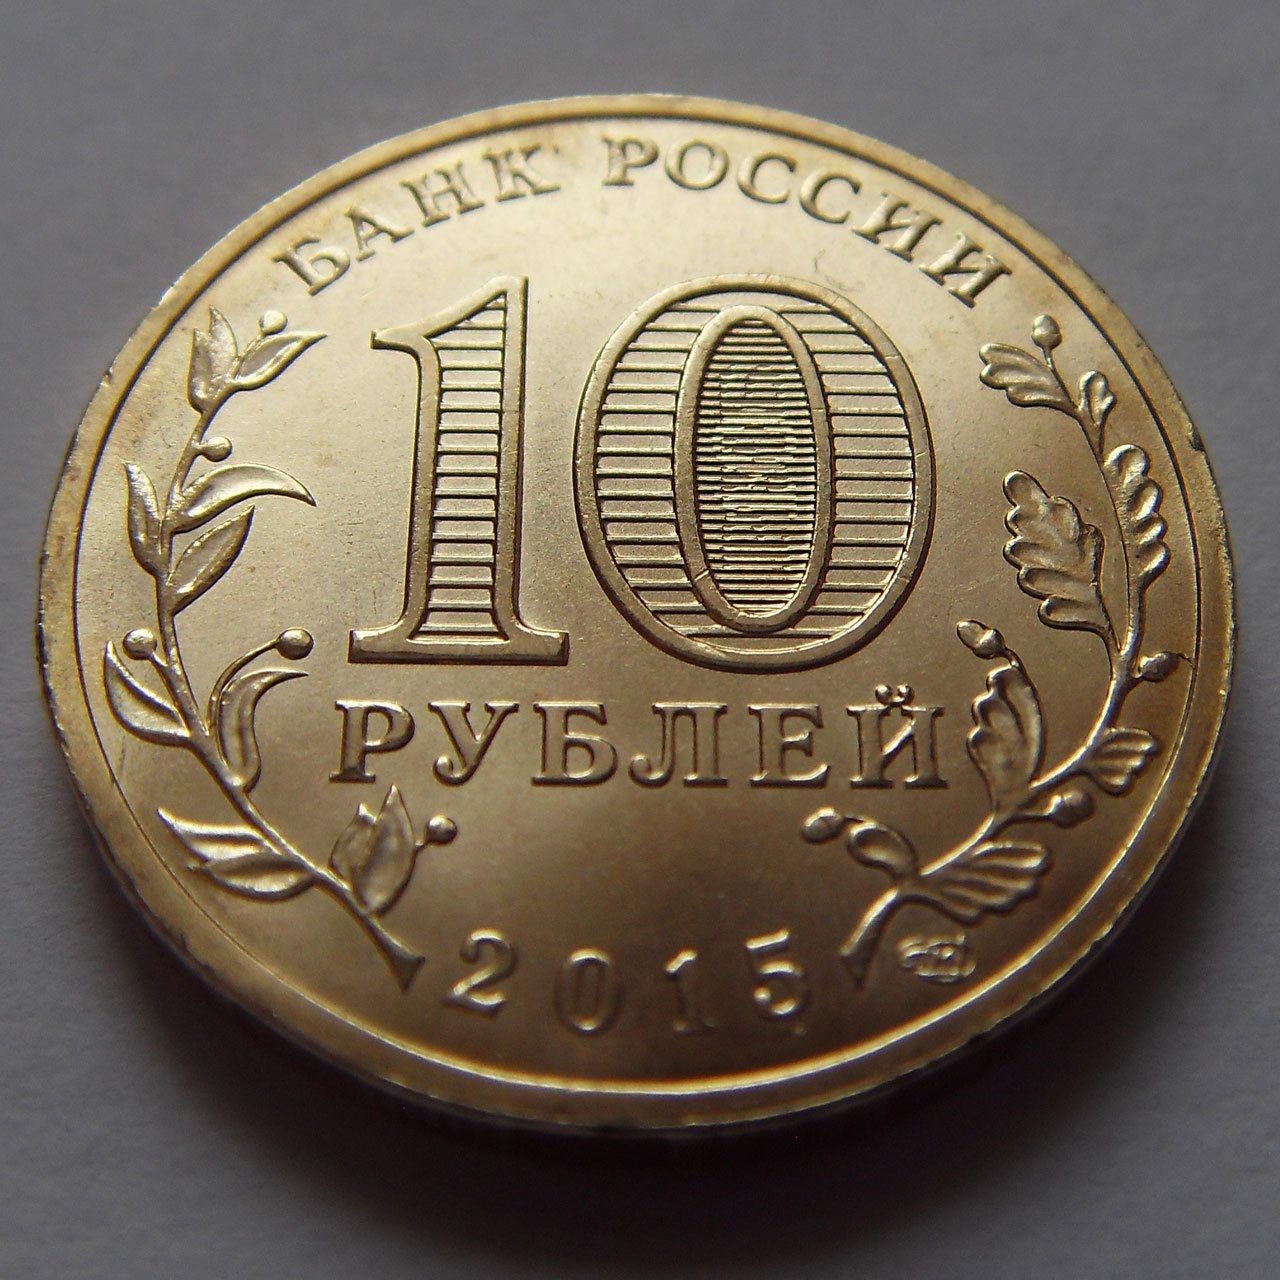 Сколько стоит 1 кг бронзы в Можайск сколько стоит килограмм металла в Ильинский